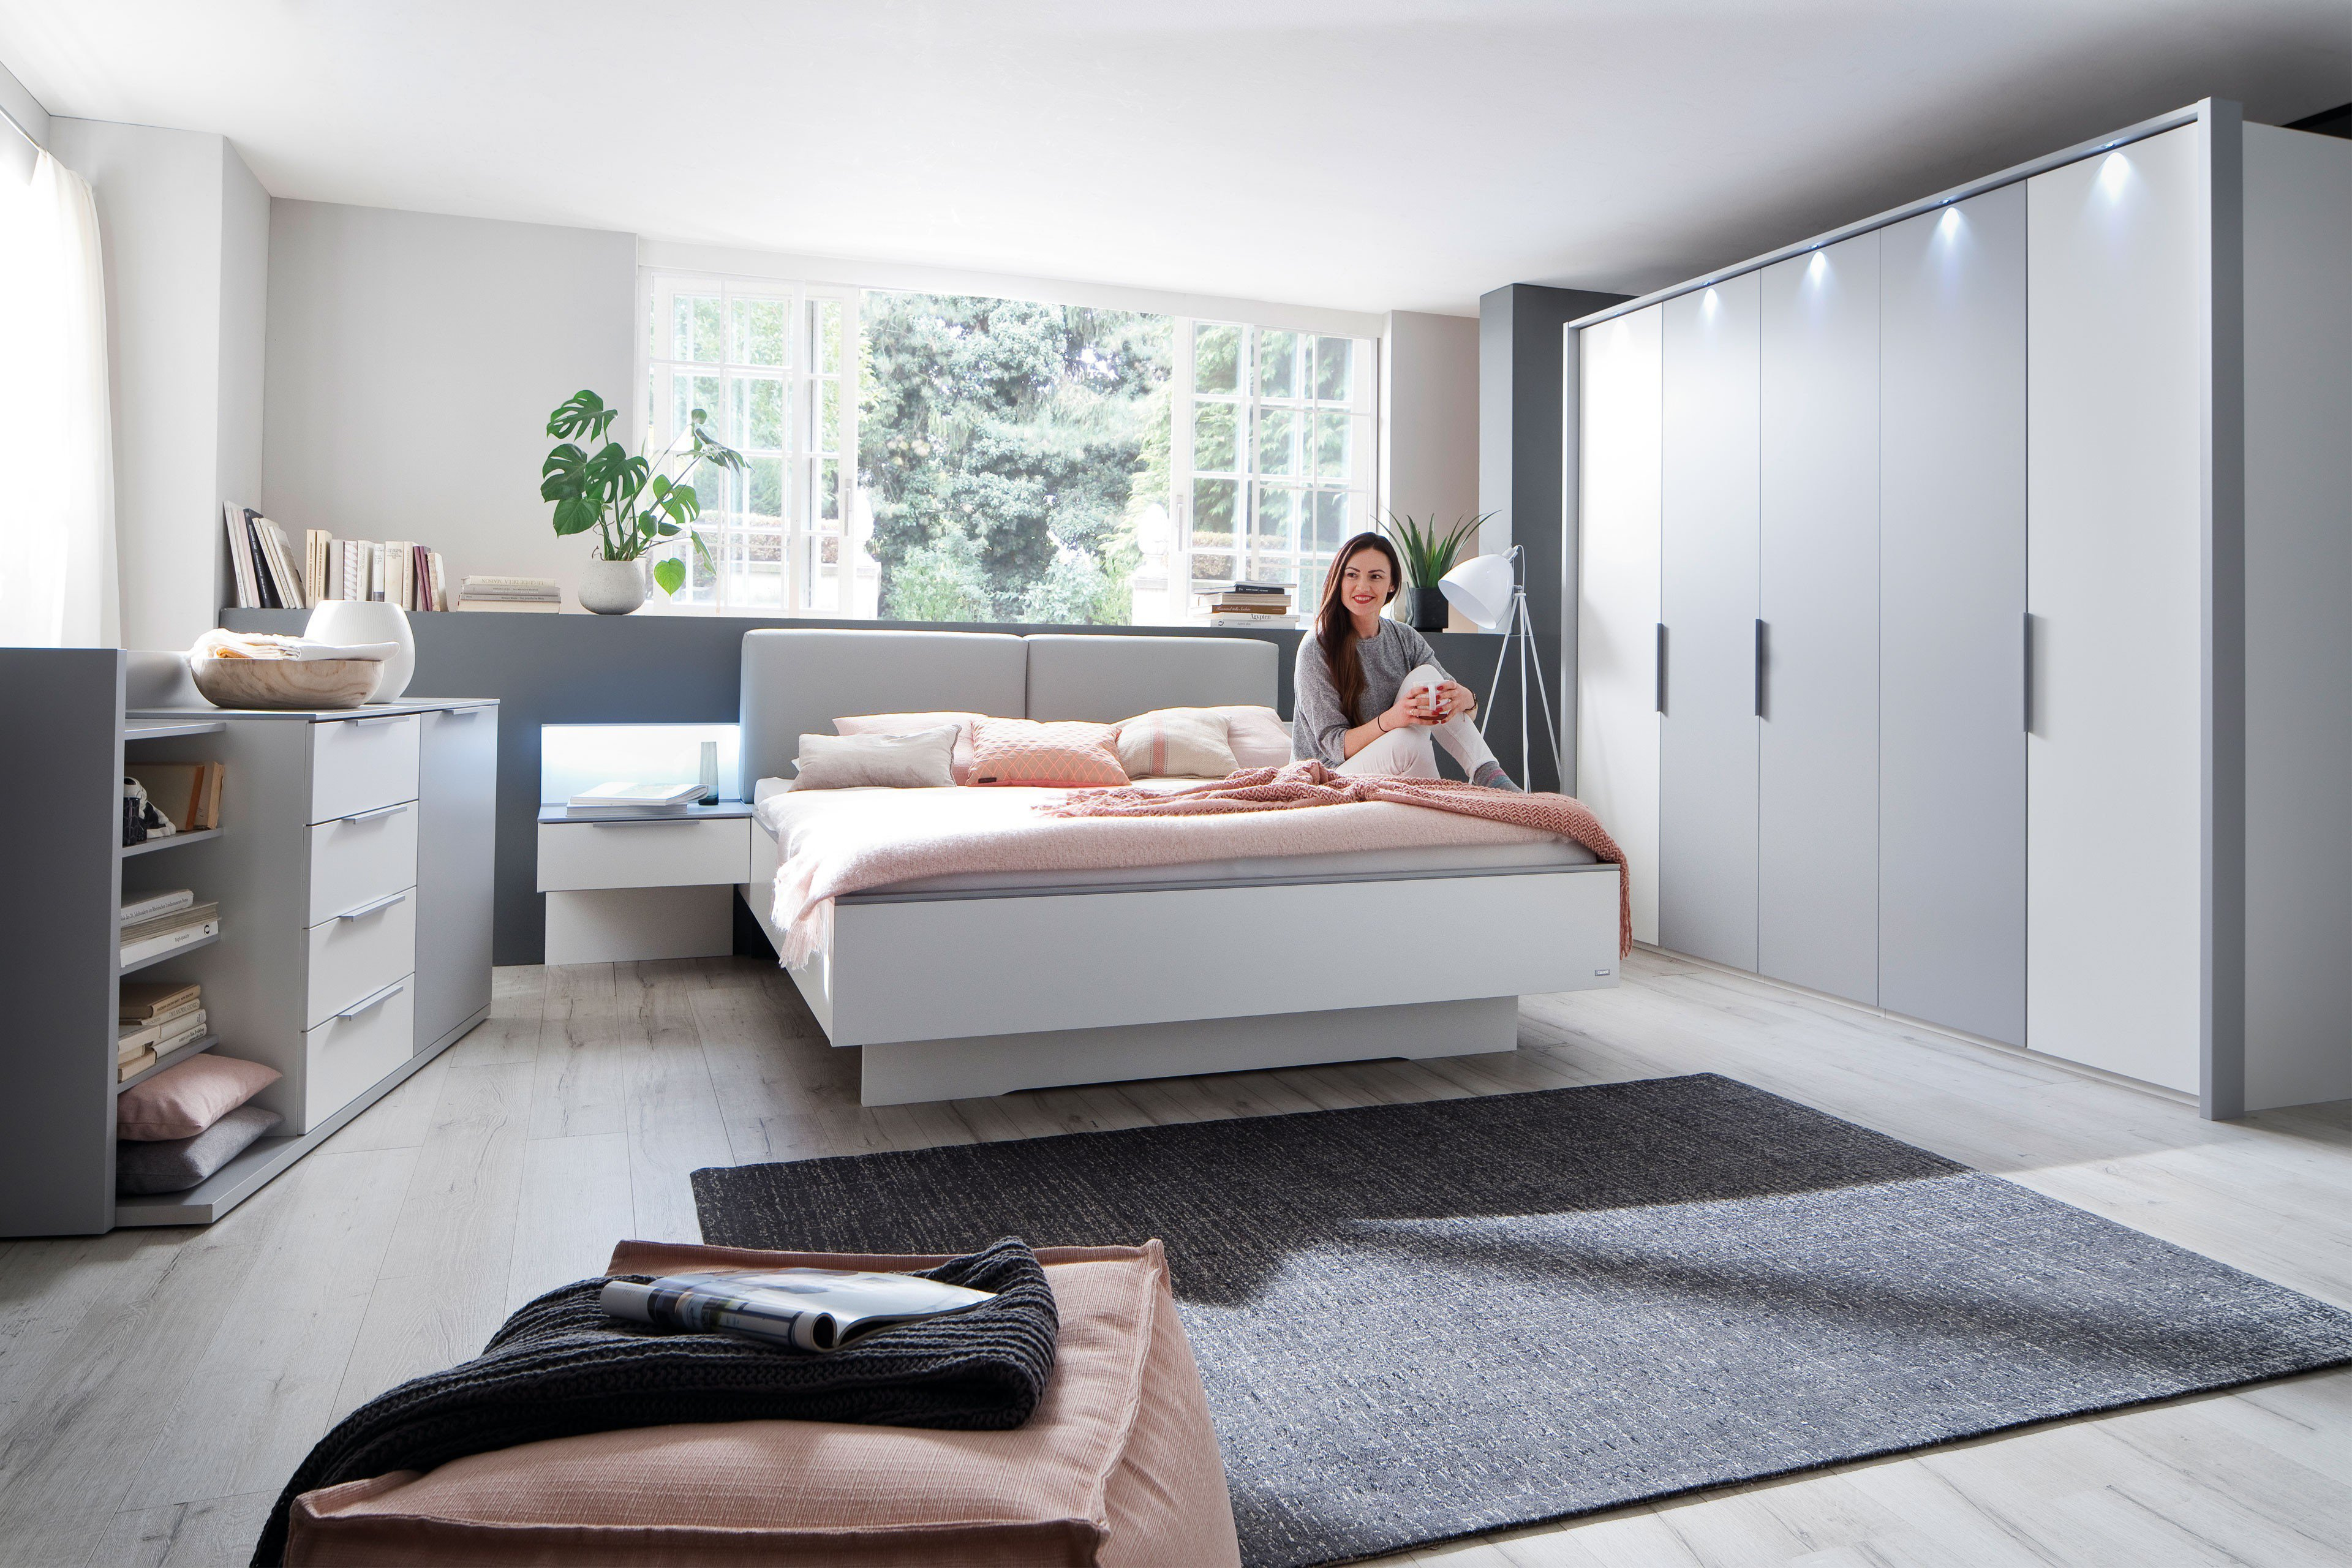 Colina von Casada - Schlafzimmer weiß - seidengrau